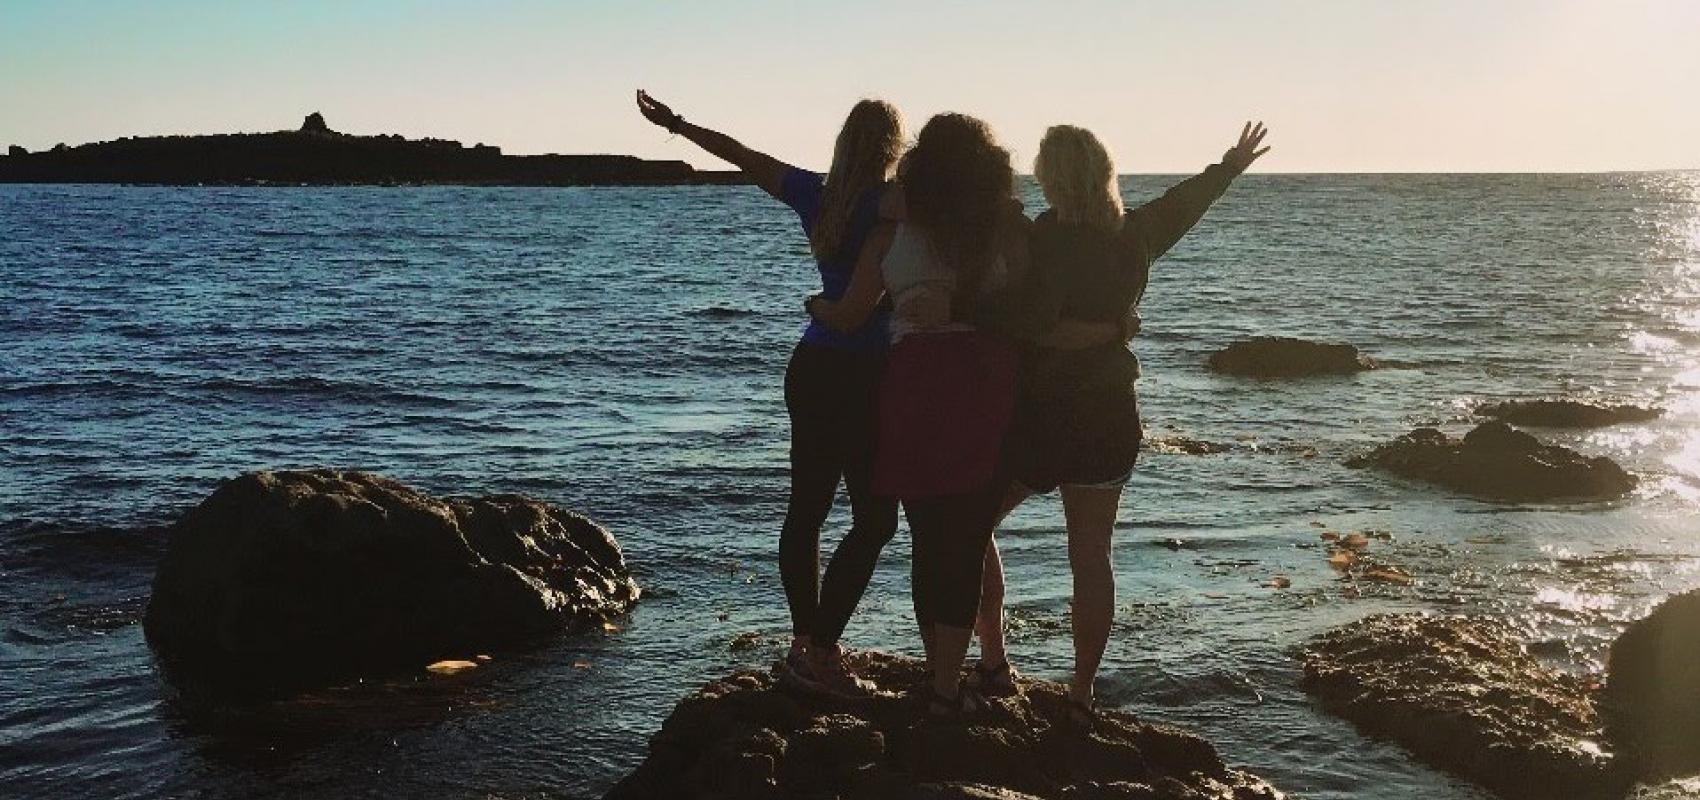 Students on coast at sunset